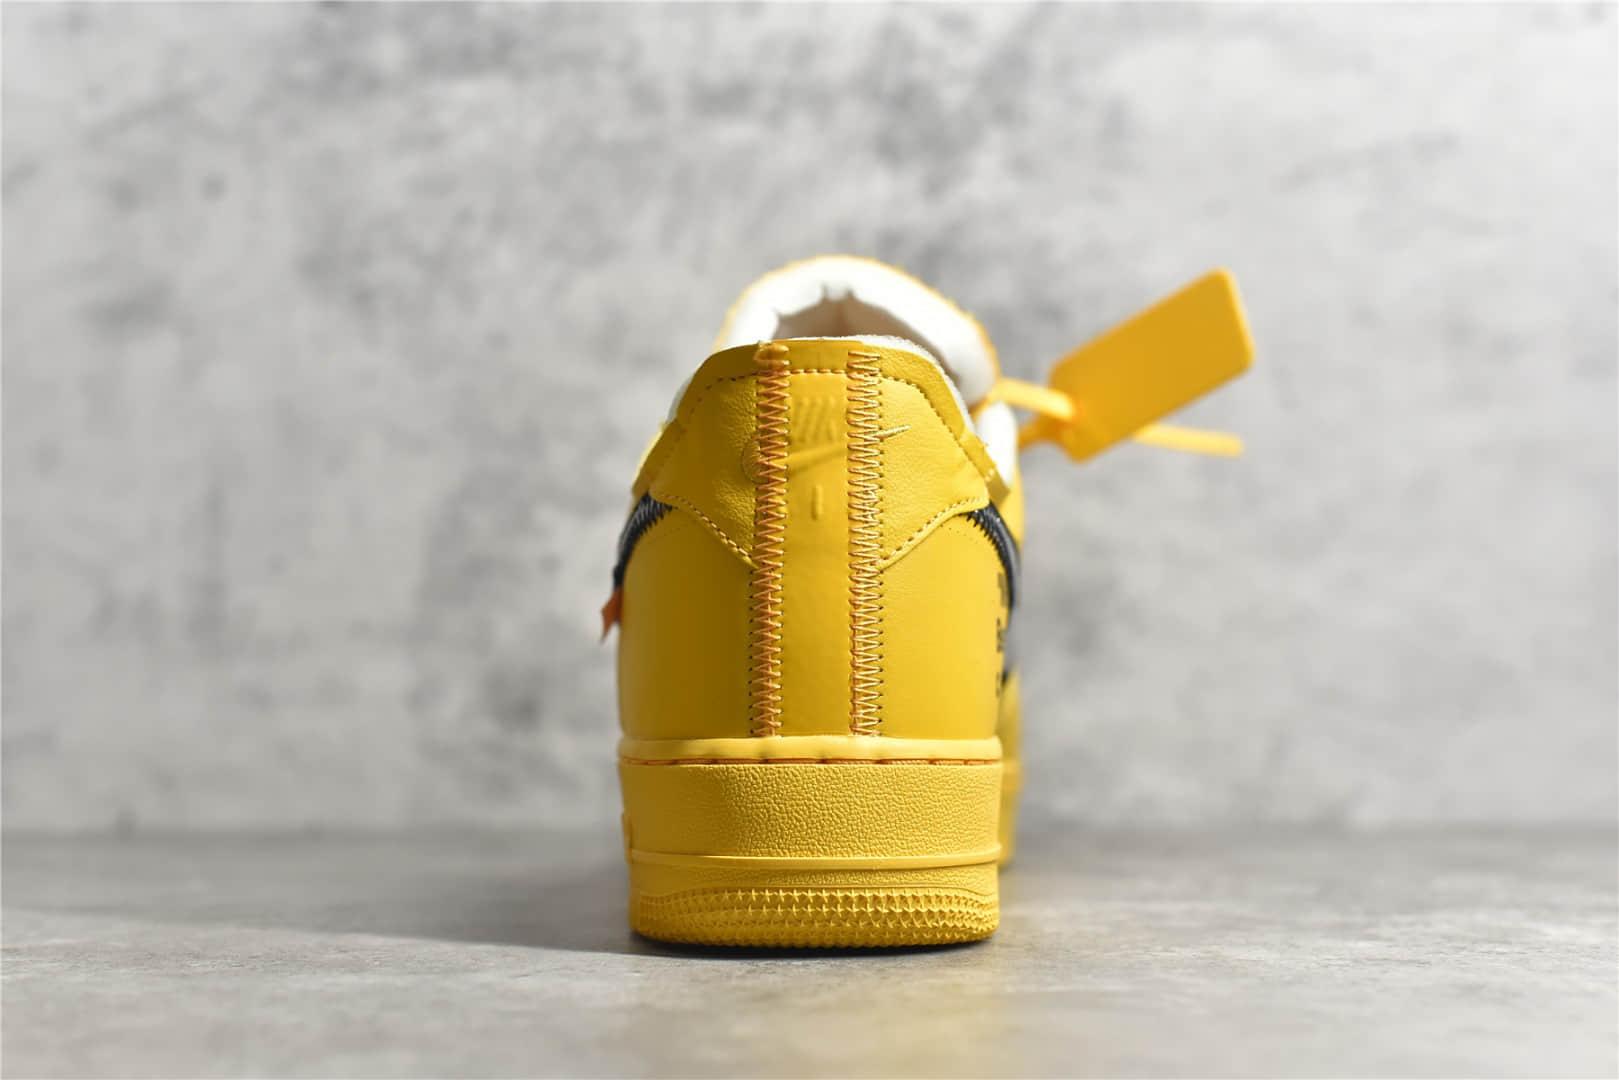 耐克空军OW联名 Nike Air Force 1 University Gold x OFF White 纯原版本耐克OW联名 耐克空军黄色金银勾 货号:DD1876-700-潮流者之家